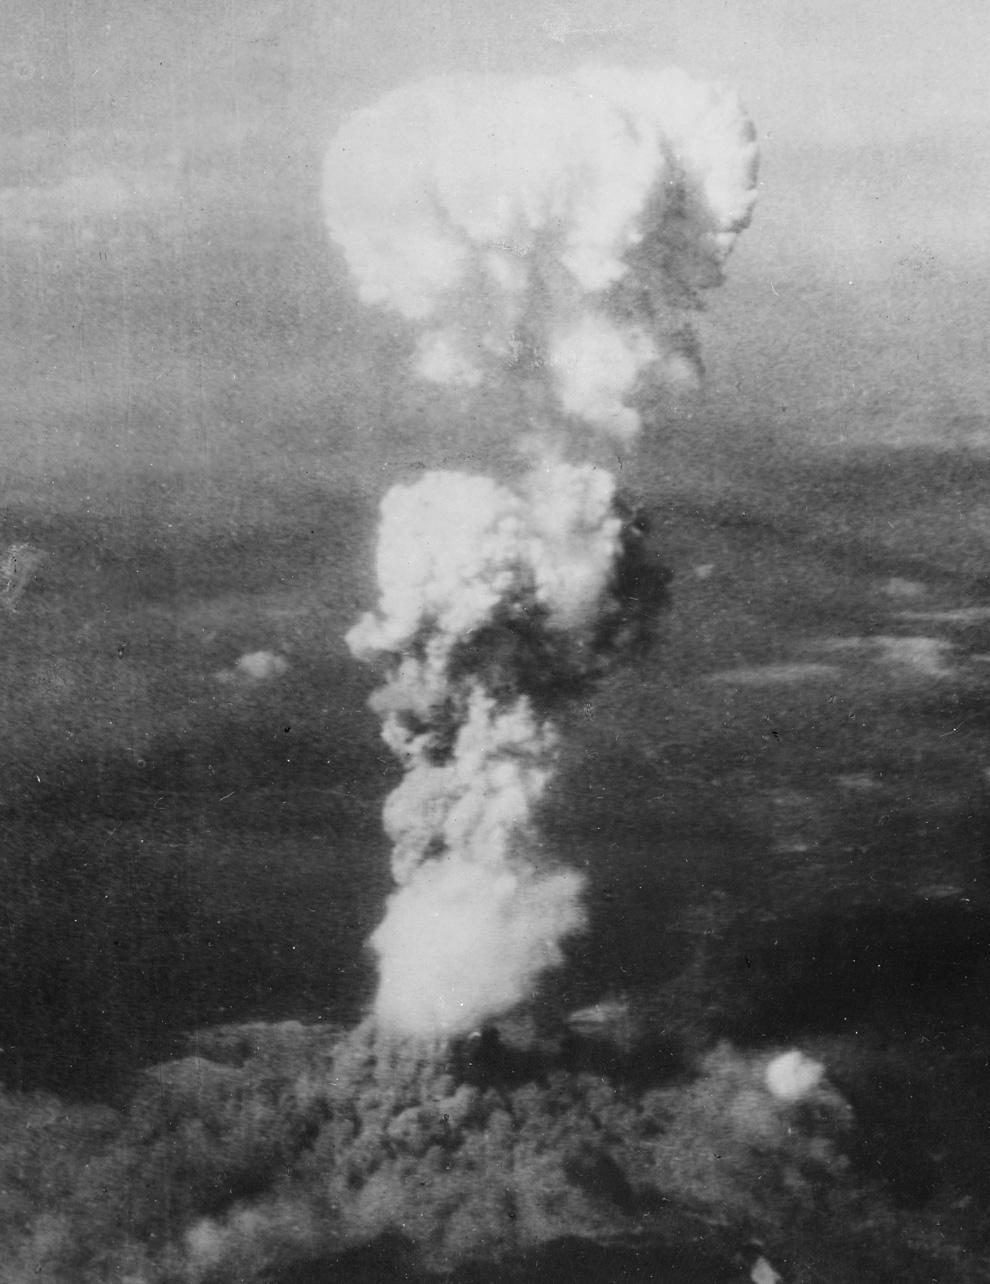 8. Растущий ядерный «гриб» над Хиросимой вскоре после 8:15, 5 августа 1945. Когда порция урана в бомбе прошла стадию расщепления, она мгновенно была превращена в энергию 15 килотонн тротила, нагрев массивный огненный шар до температуры 3 980 градусов по Цельсию. Нагретый до предела Ð²Ð¾Ð·Ð´ÑƒÑ Ð¸ дым быстро поднялся в атмосфере, словно огромный пузырь, поднимая за собой столп дыма. К тому времени, как было сделано это фото, смог поднялся на высоту 6 096,00 м над Хиросимой, в то время как дым от взрыва первой атомной бомбы разлетелся на 3 048,00 м у основания колонны. (U.S. National Archives)